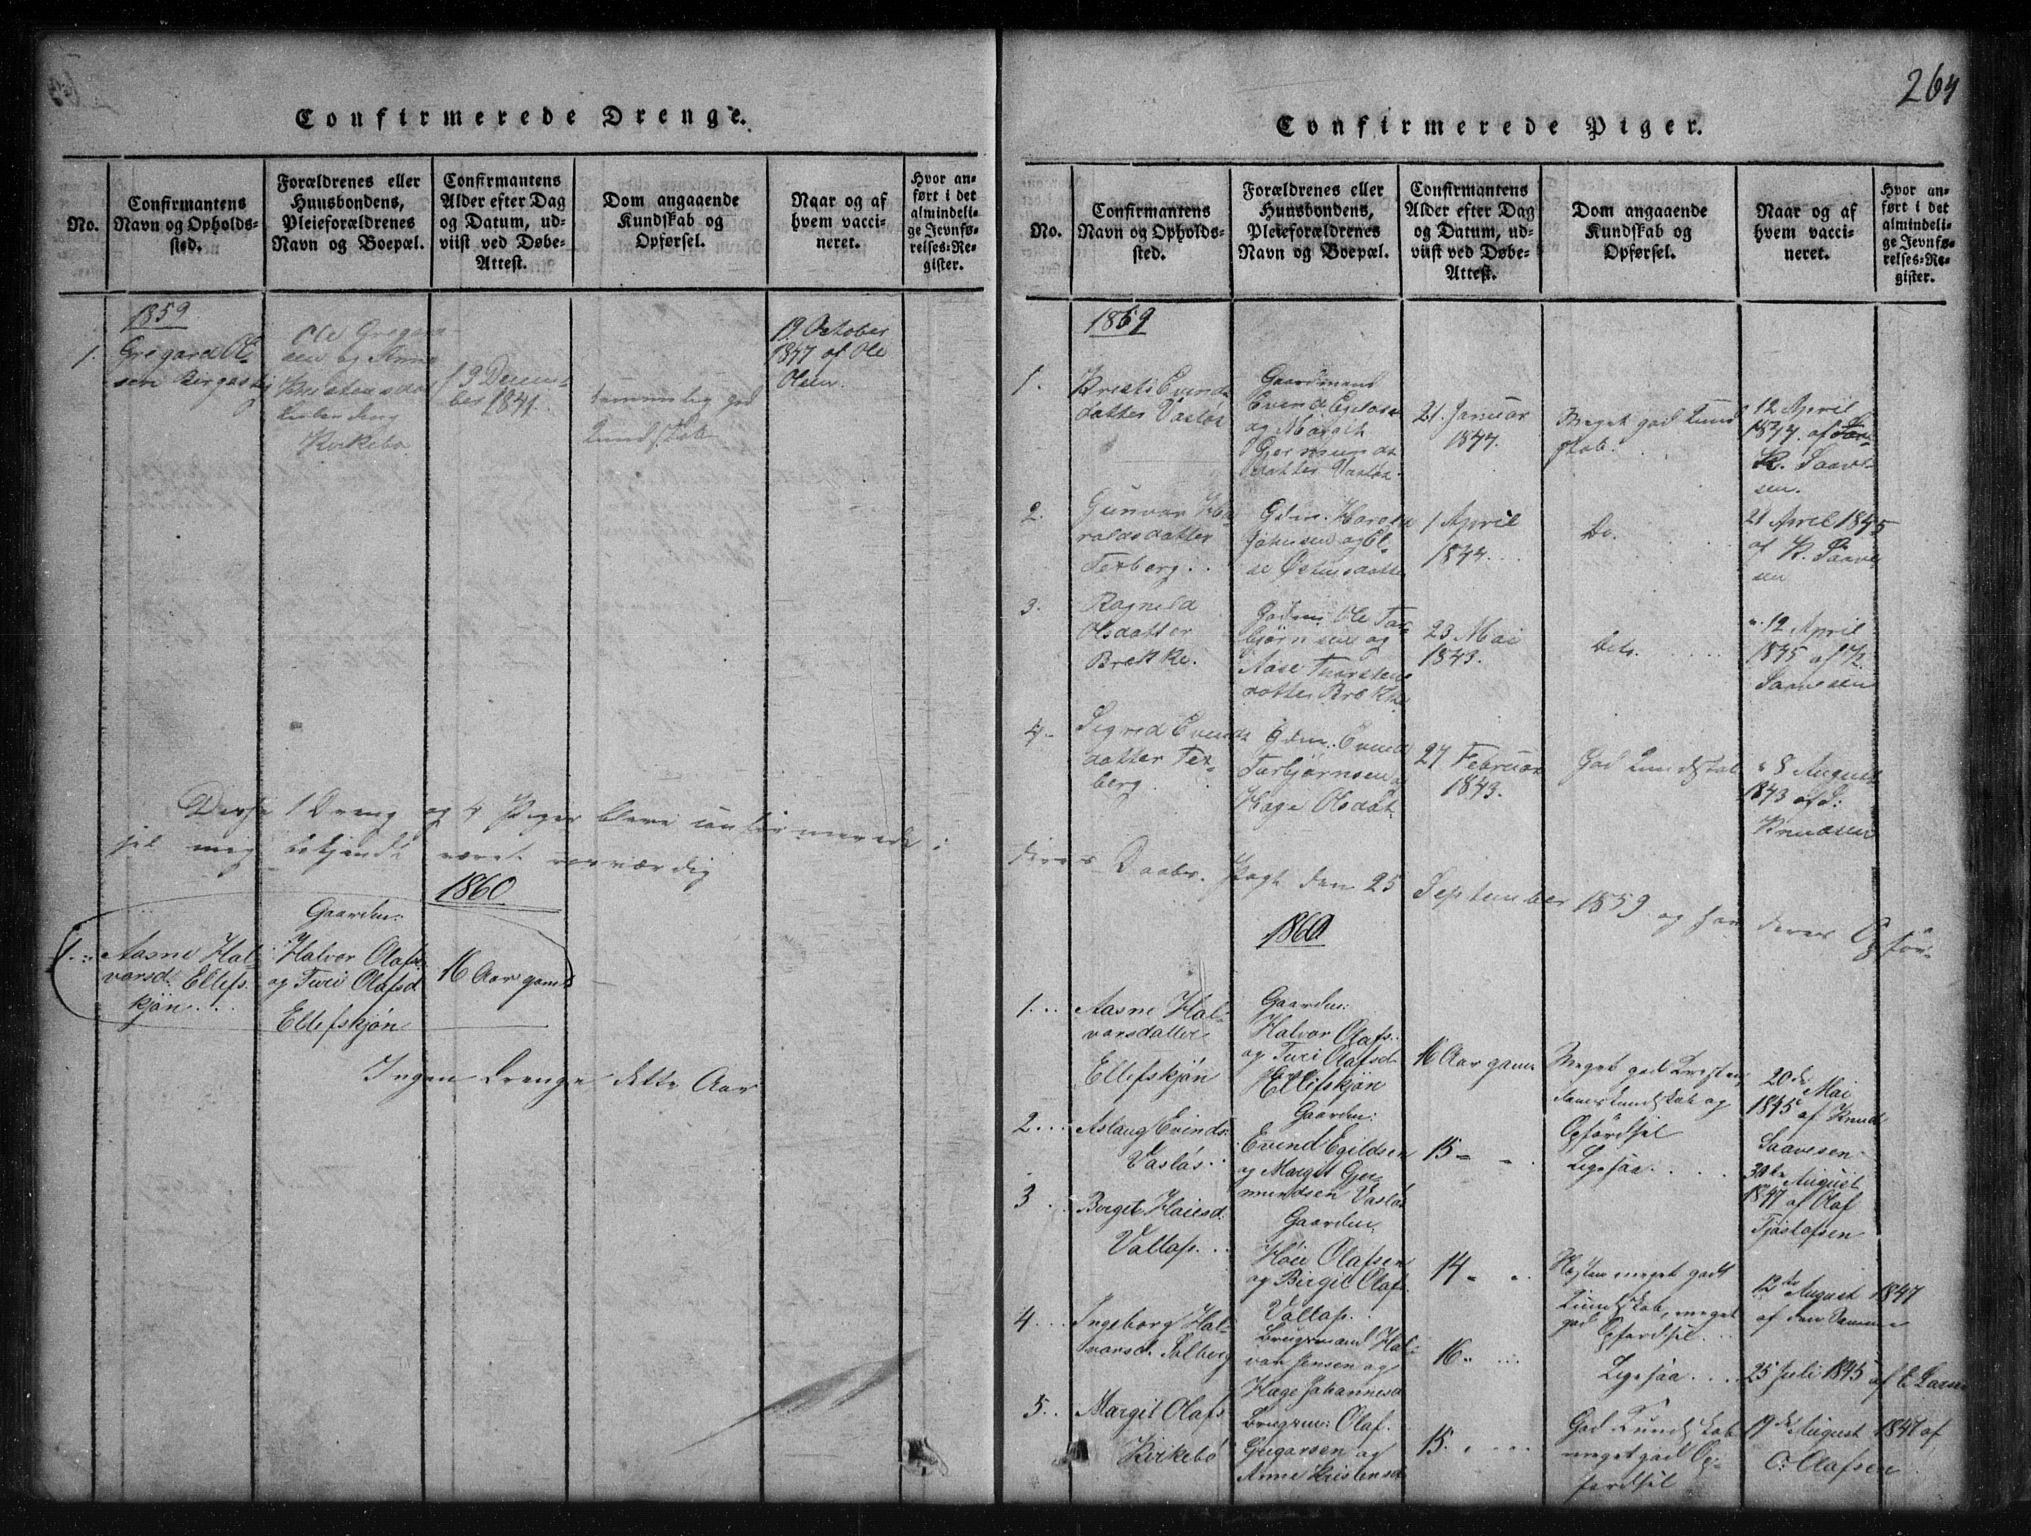 SAKO, Rauland kirkebøker, G/Gb/L0001: Klokkerbok nr. II 1, 1815-1886, s. 264